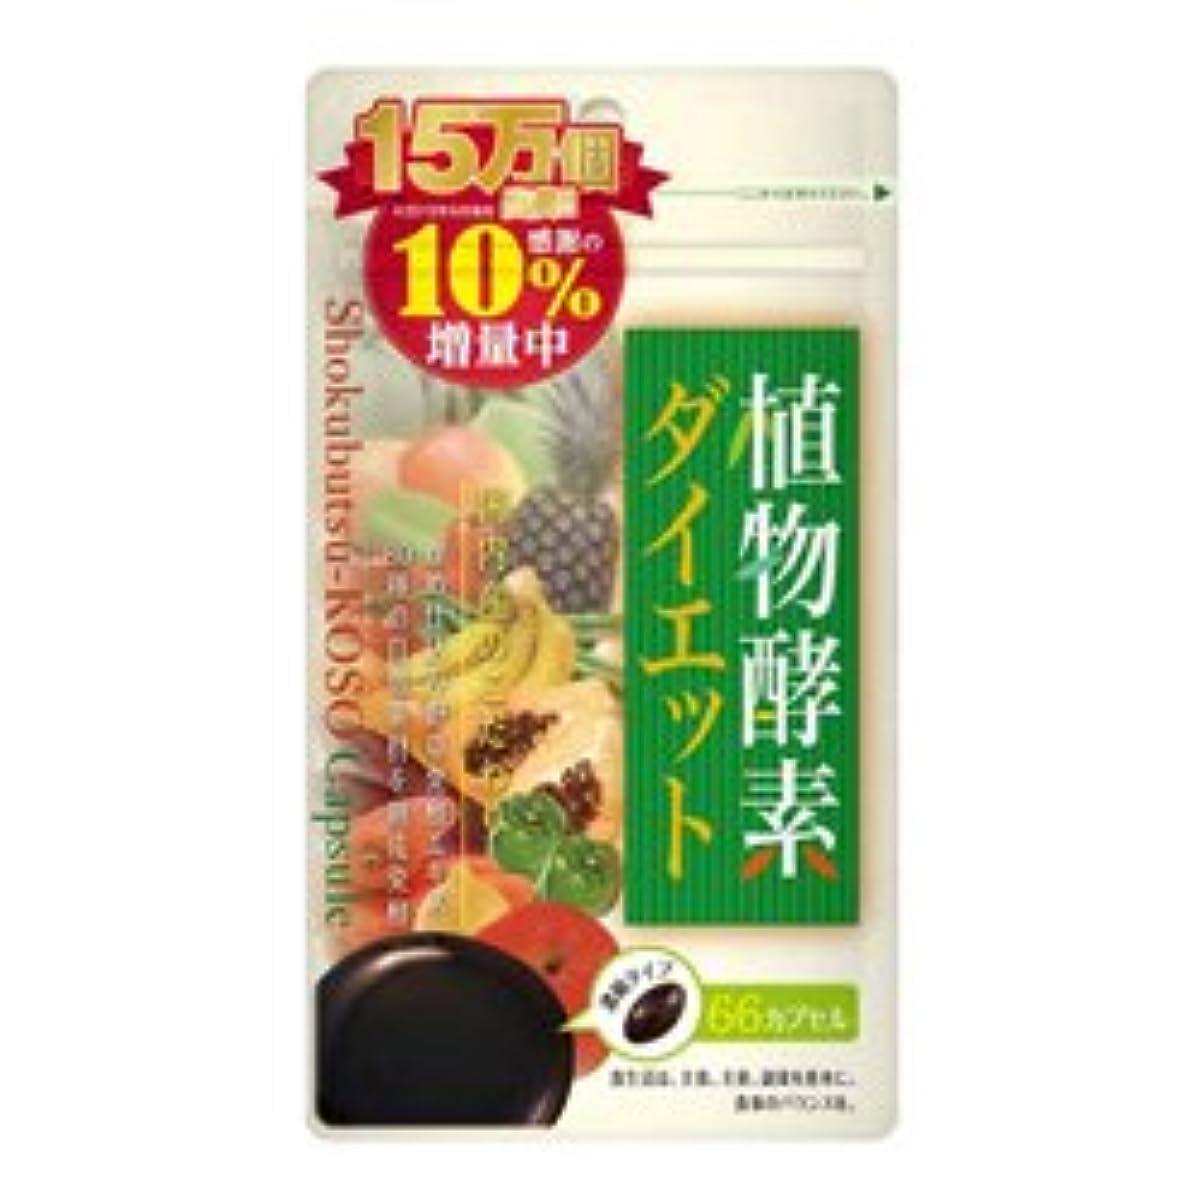 不十分な八百屋さんラダ【ウエルネスジャパン】植物酵素ダイエット 66カプセル ×5個セット